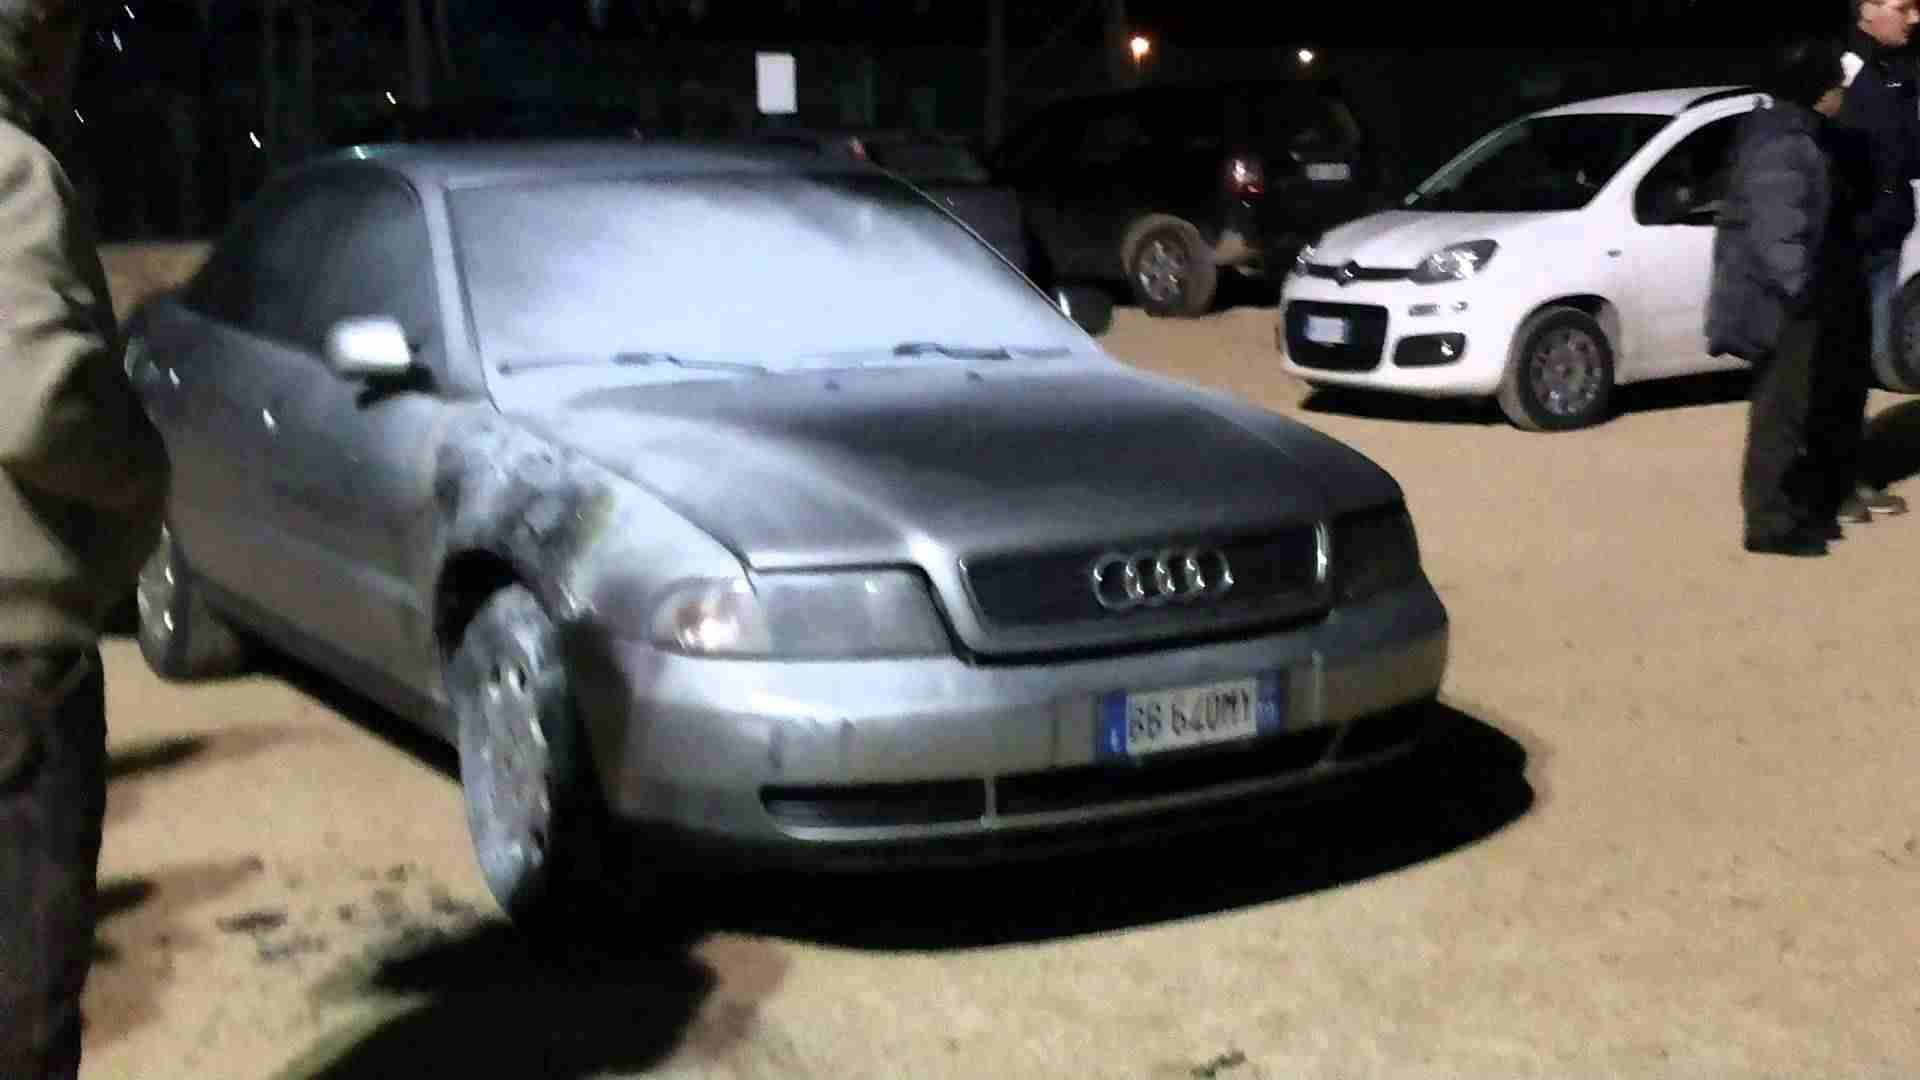 Tentativo di rogo all'auto dell'ex vice sindaco Corrado Assenza